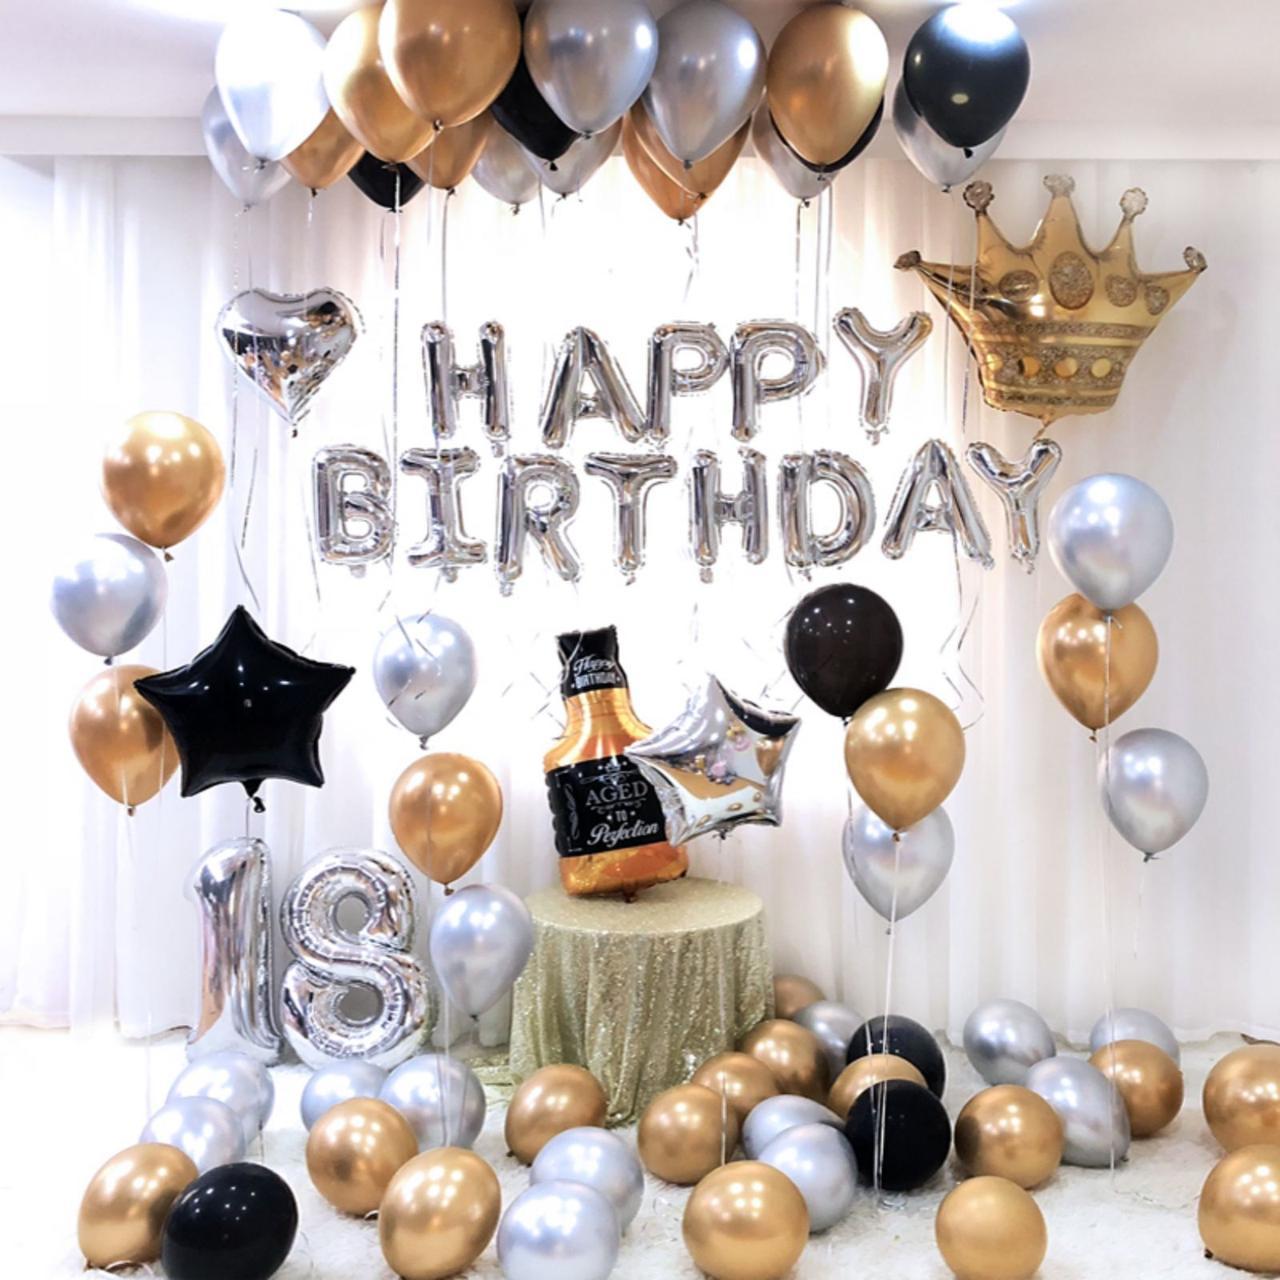 Набор шаров для фотозоны на день рождения для мужчины золото-серебро 1991